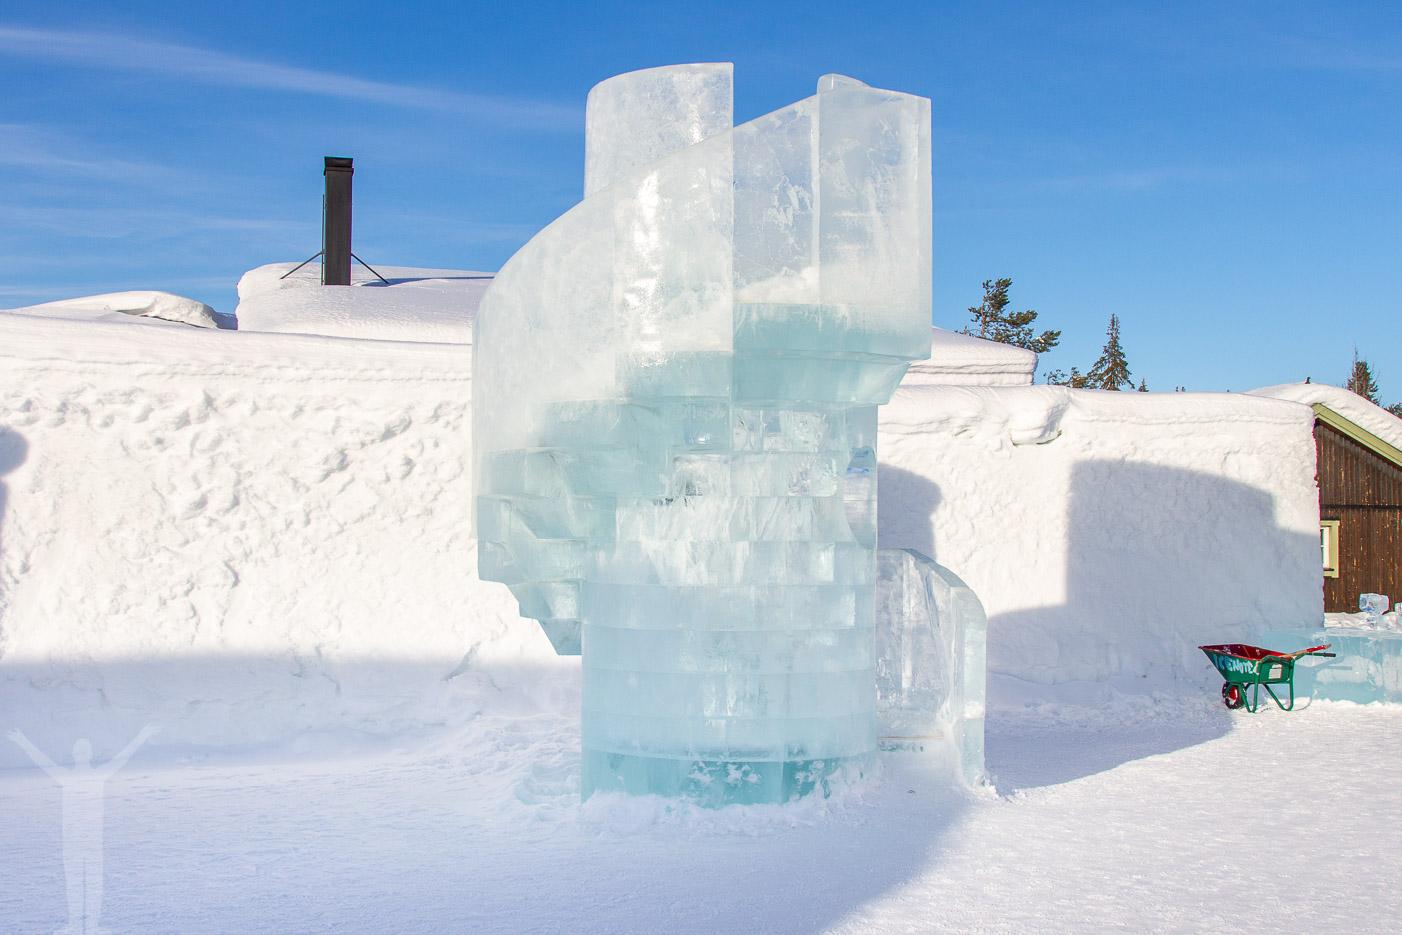 Trappa gjord av is